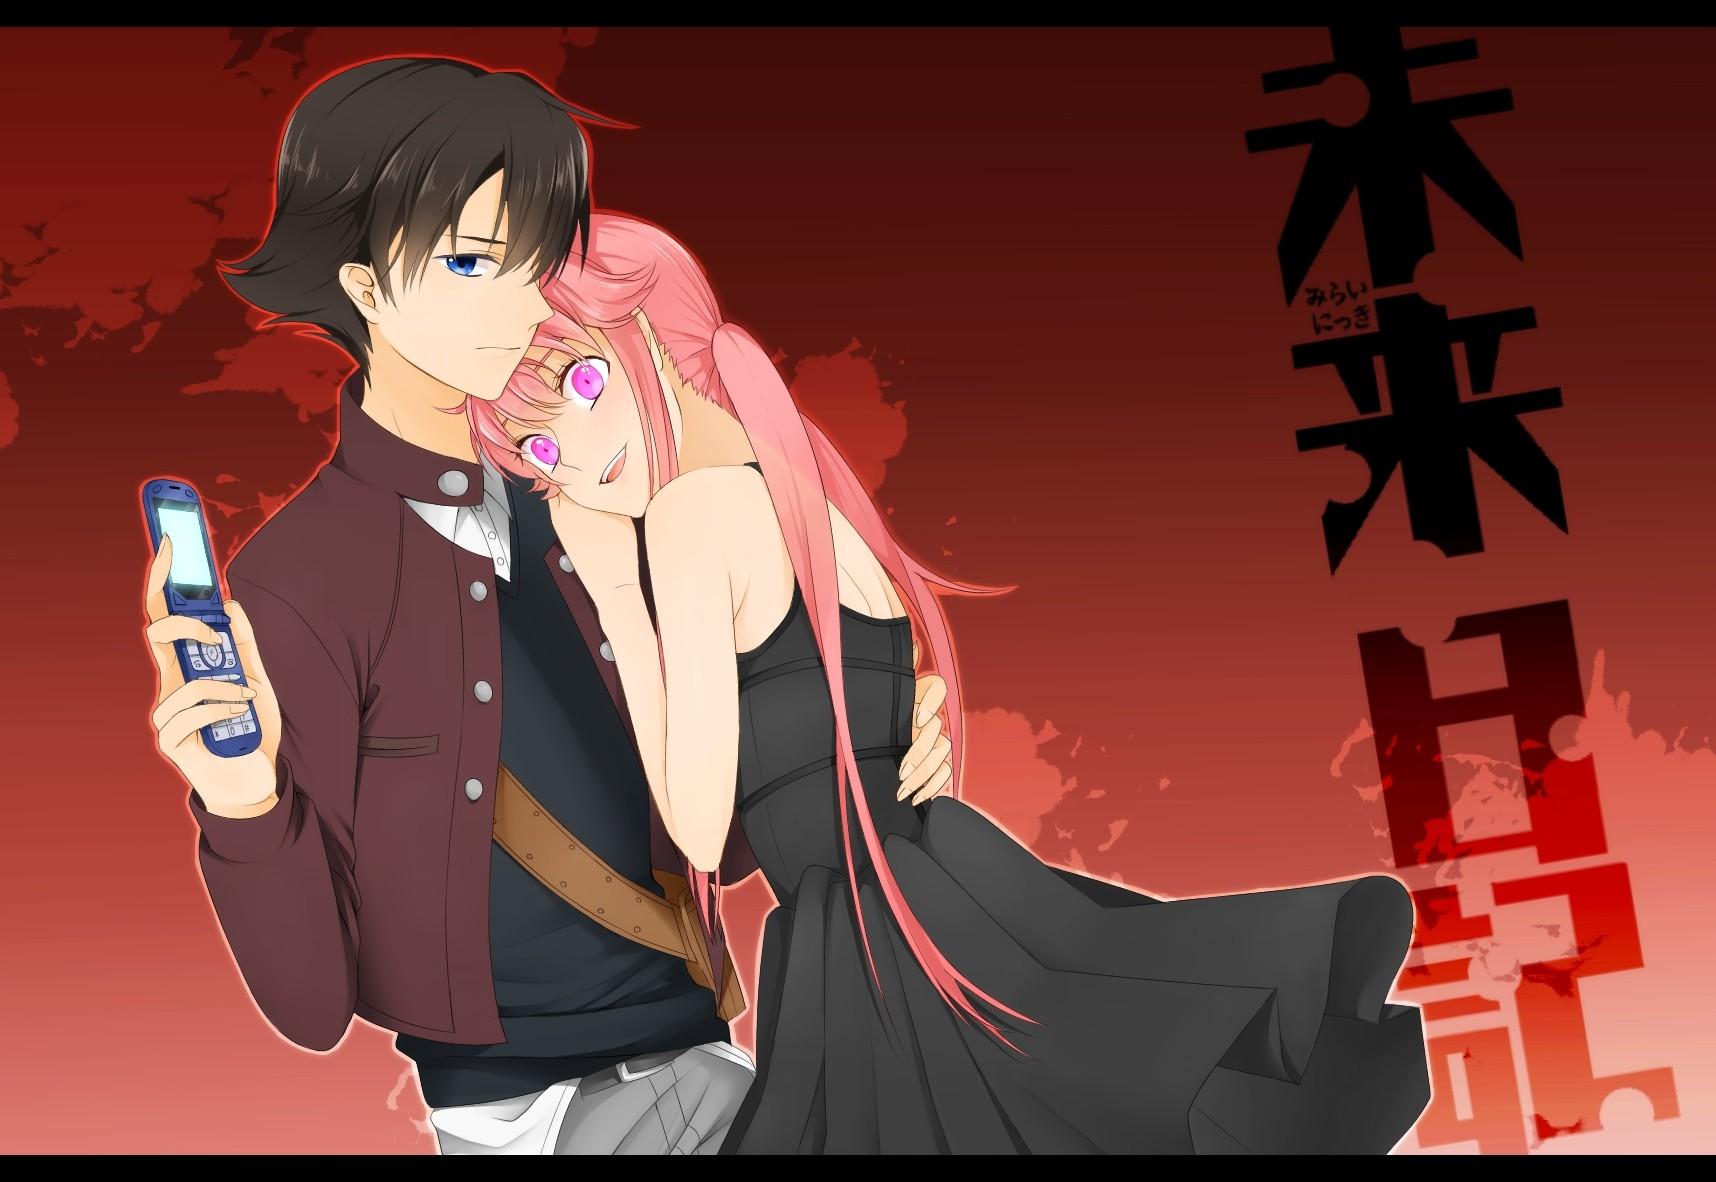 Fond Décran Illustration Anime Filles Anime Yeux Bleus